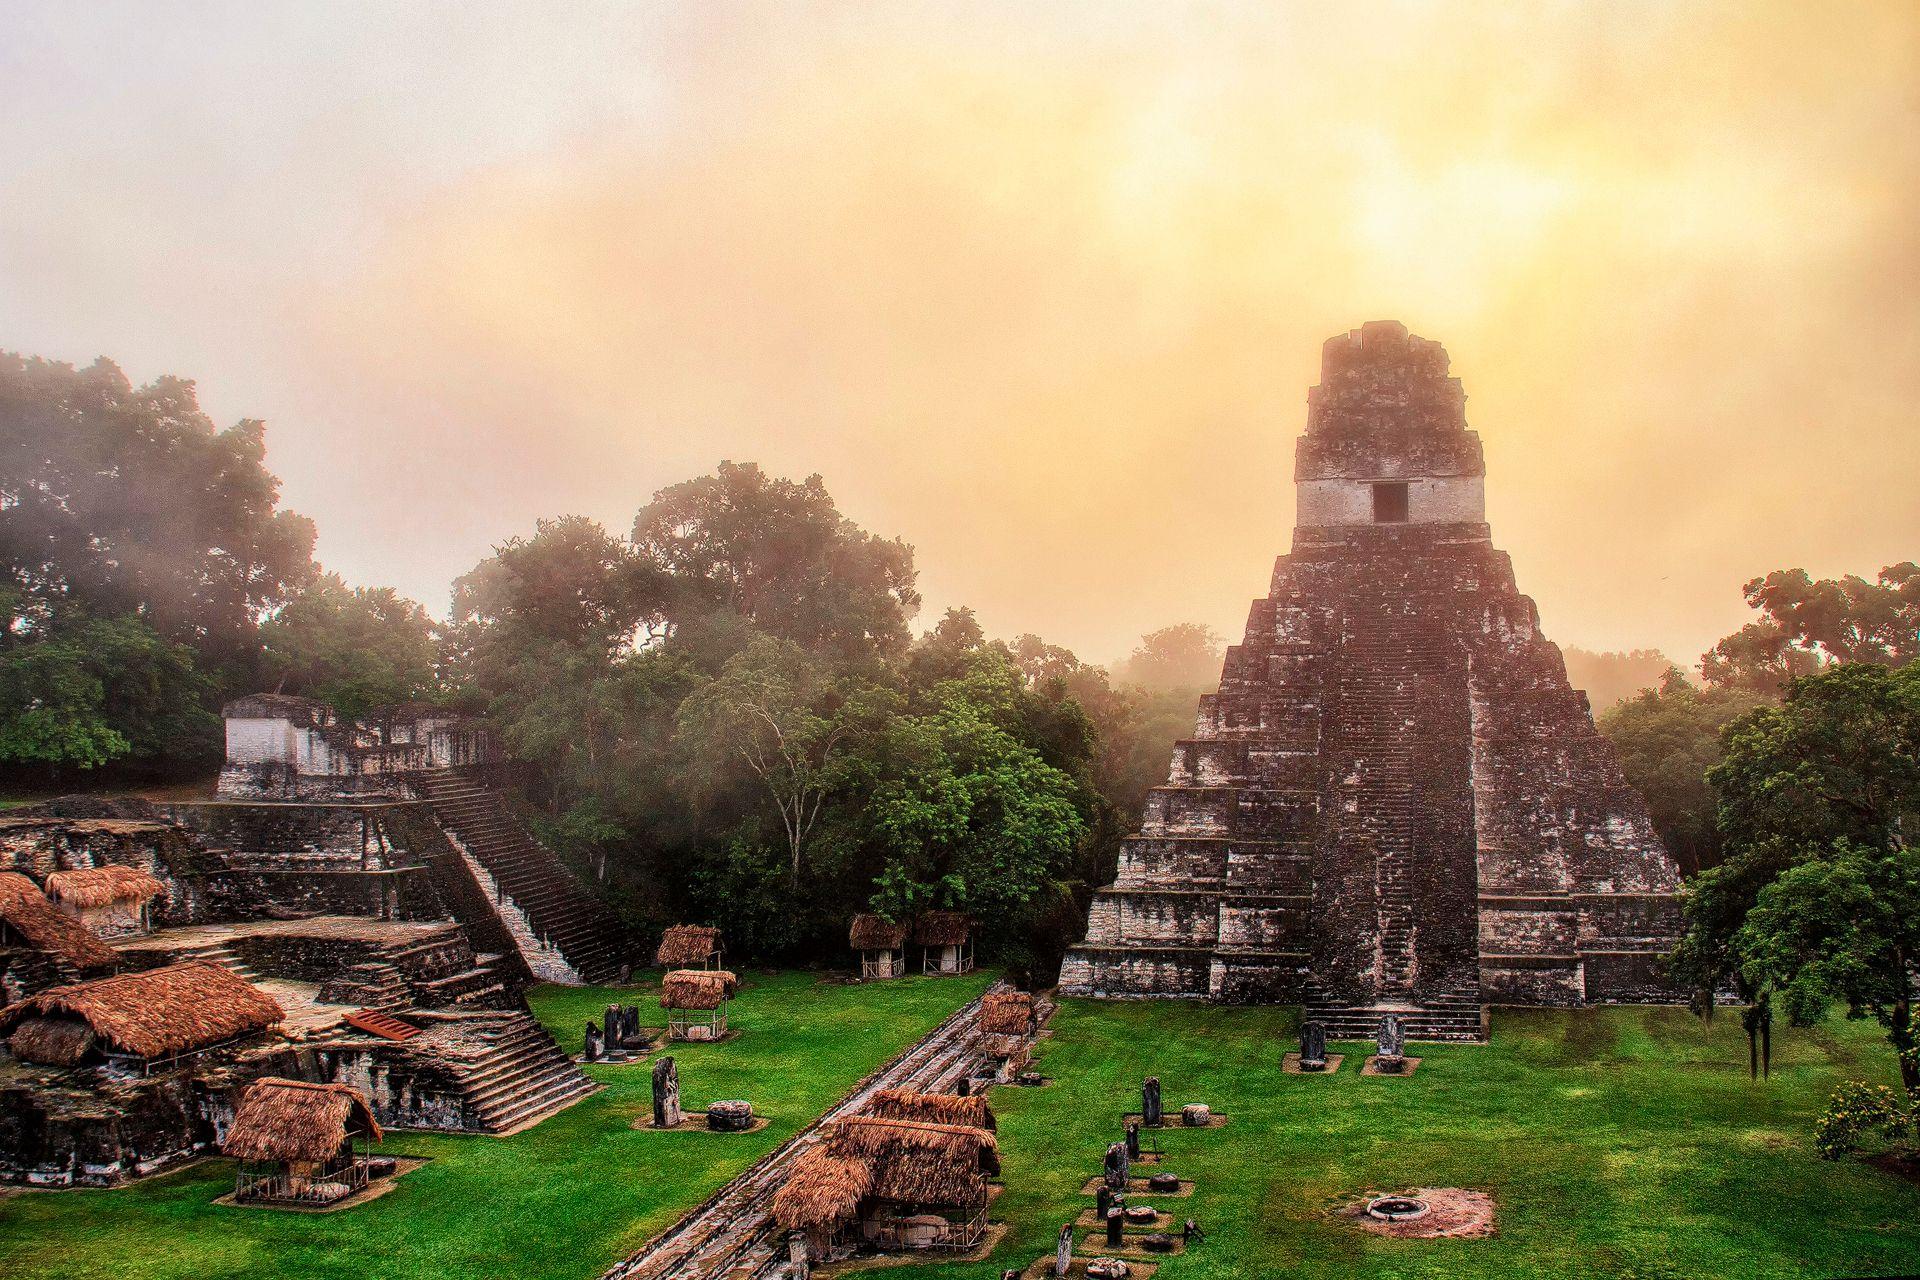 Templo del Gran Jaguar (Temple I), Tikal, Petén, Guatemala, sunrise, foggy, sun, clouds, scenic, earthporn, mystical, landscape